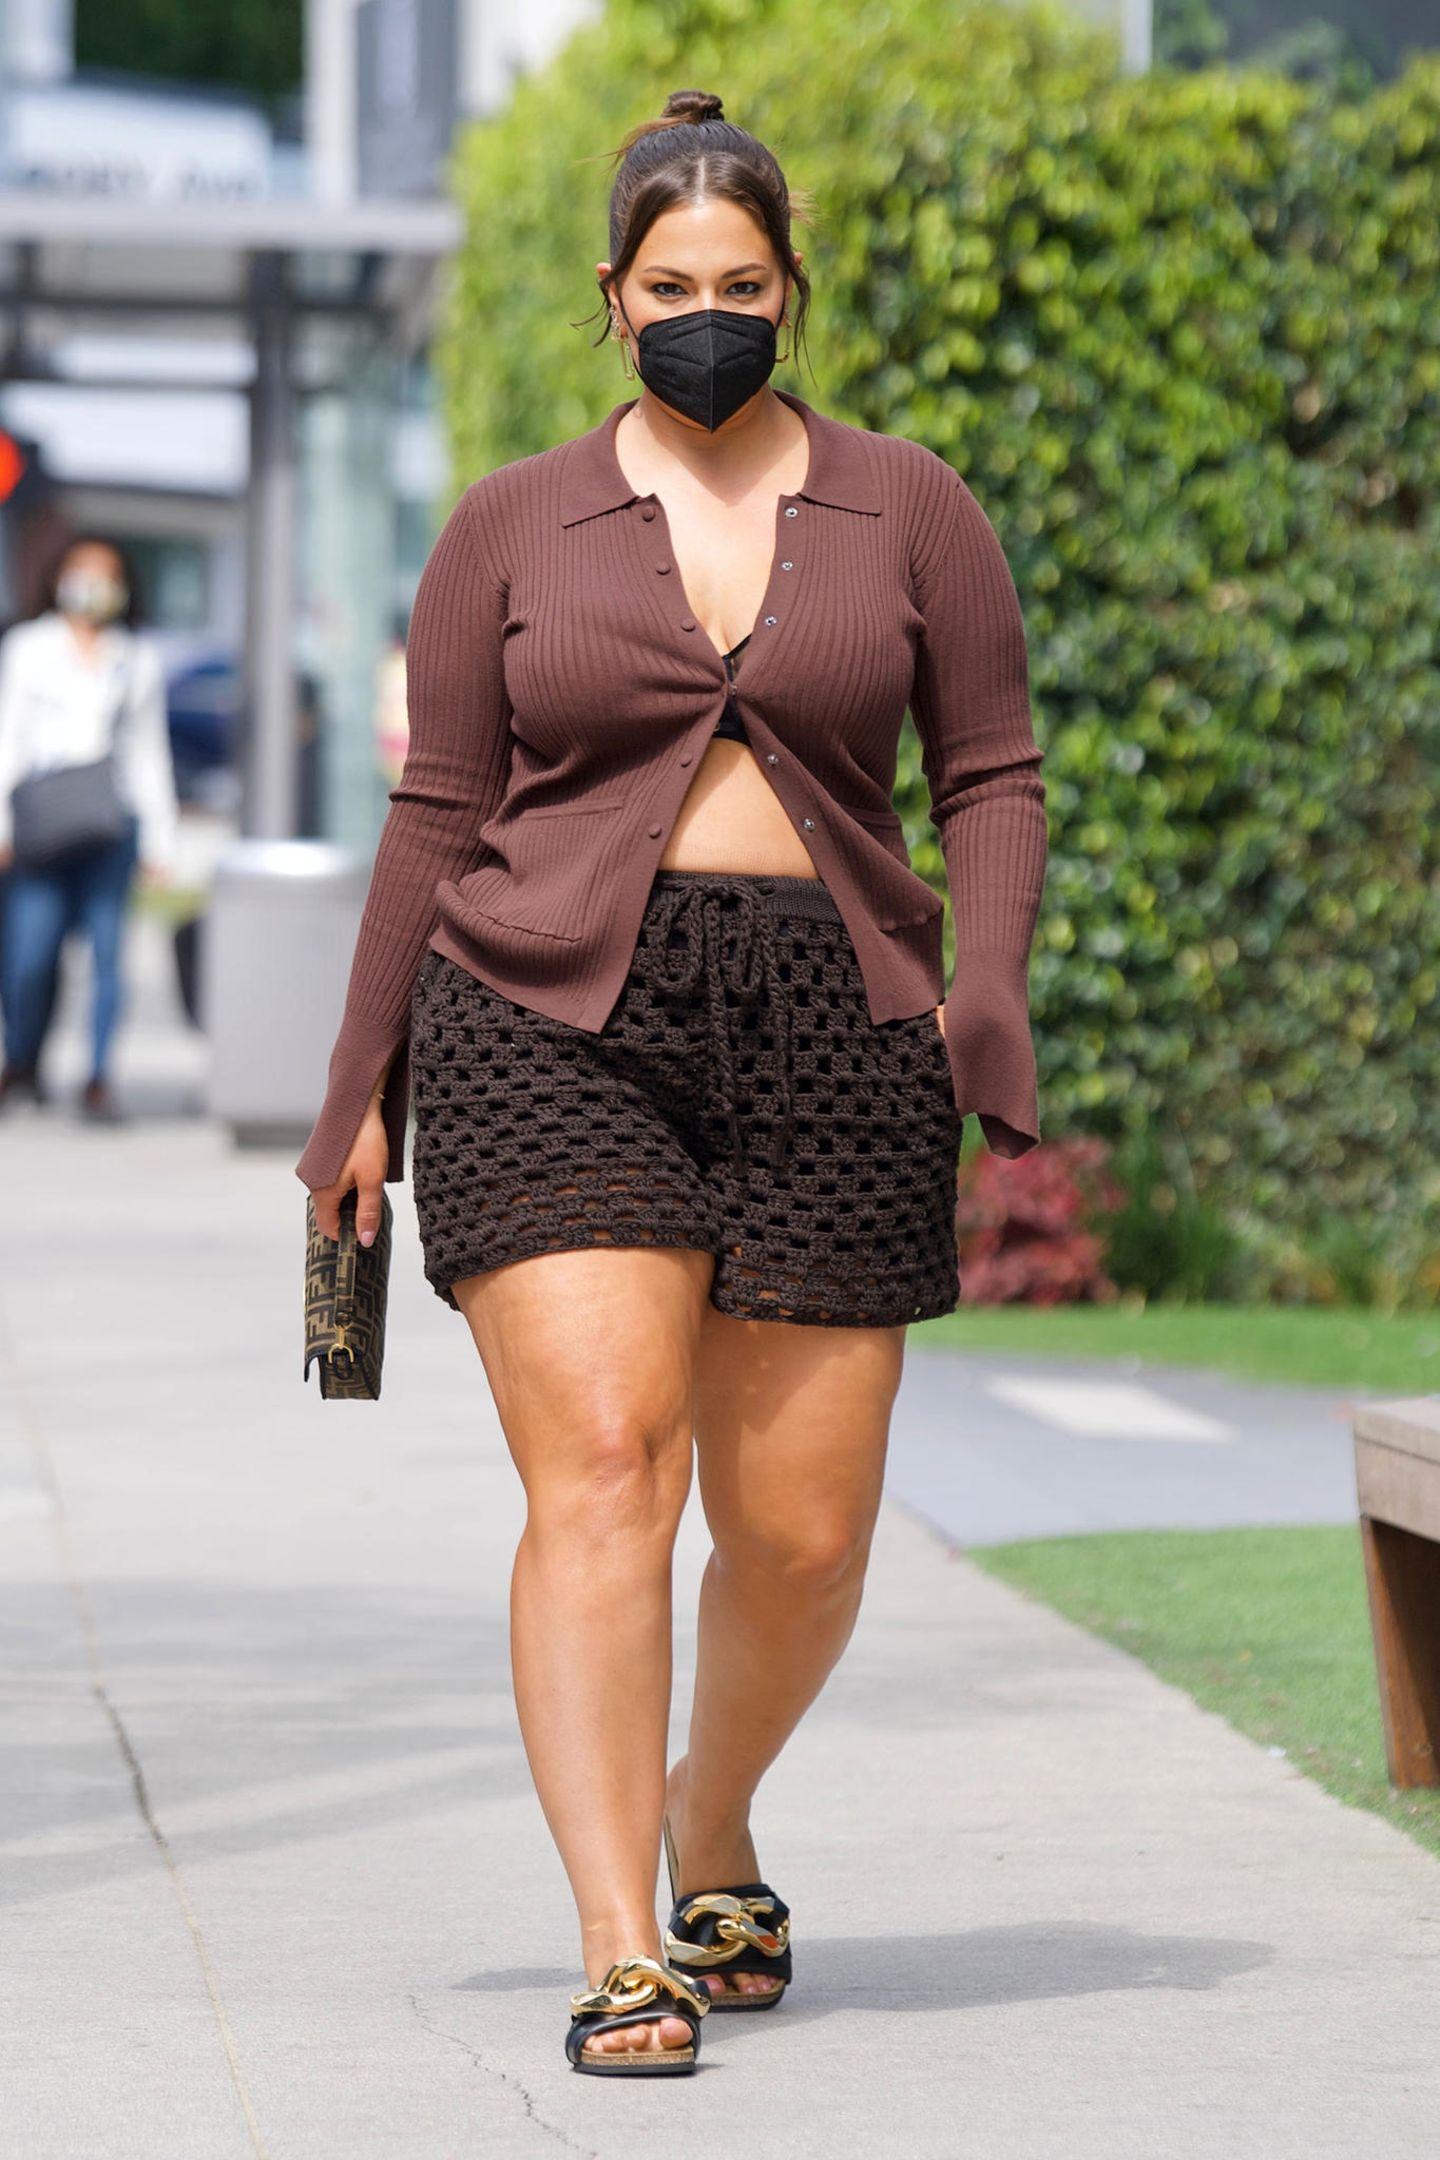 """Strick-Style mit Luxus-Detail: Ashley Graham zeigt sich bei einem Spaziergang durch West Hollywood im rotbraunen Cardigan und breitmaschiger Strick-Short modisch ziemlich entspannt. Aber Luxus muss schließlich sein: ihr kleines Fendi-Täschchen. Und auch ihre """"Chain Loafers"""", Pantoletten mit Kettenglied-Optik in Gold von JW Anderson sind mit 465Euro alles andere als ein Schnäppchen."""